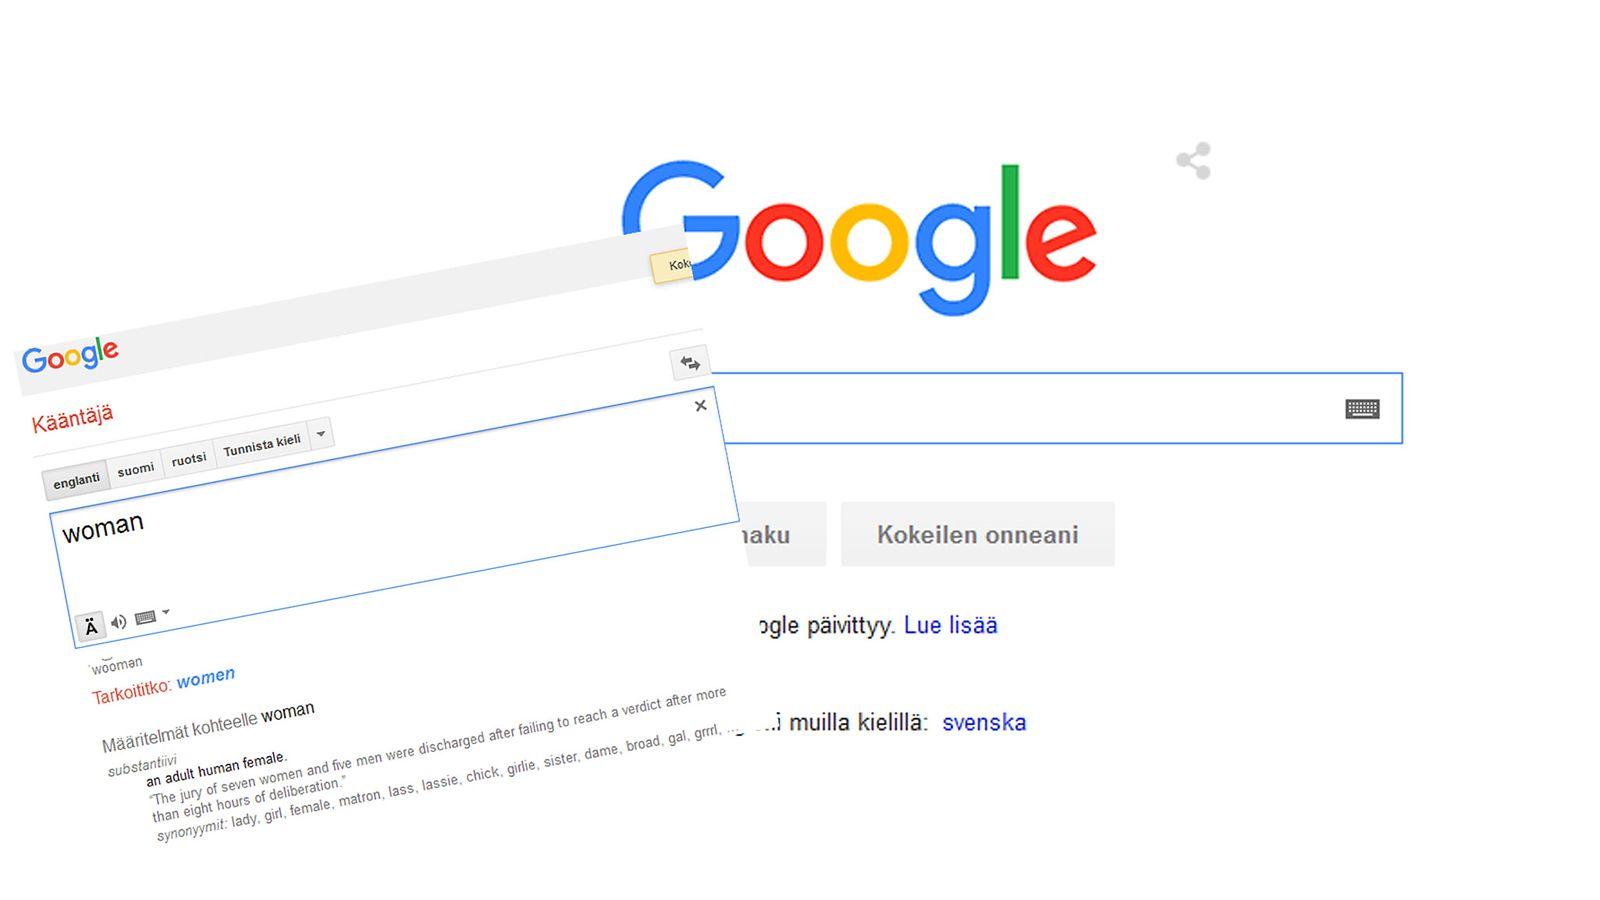 Google Kääntäjäj